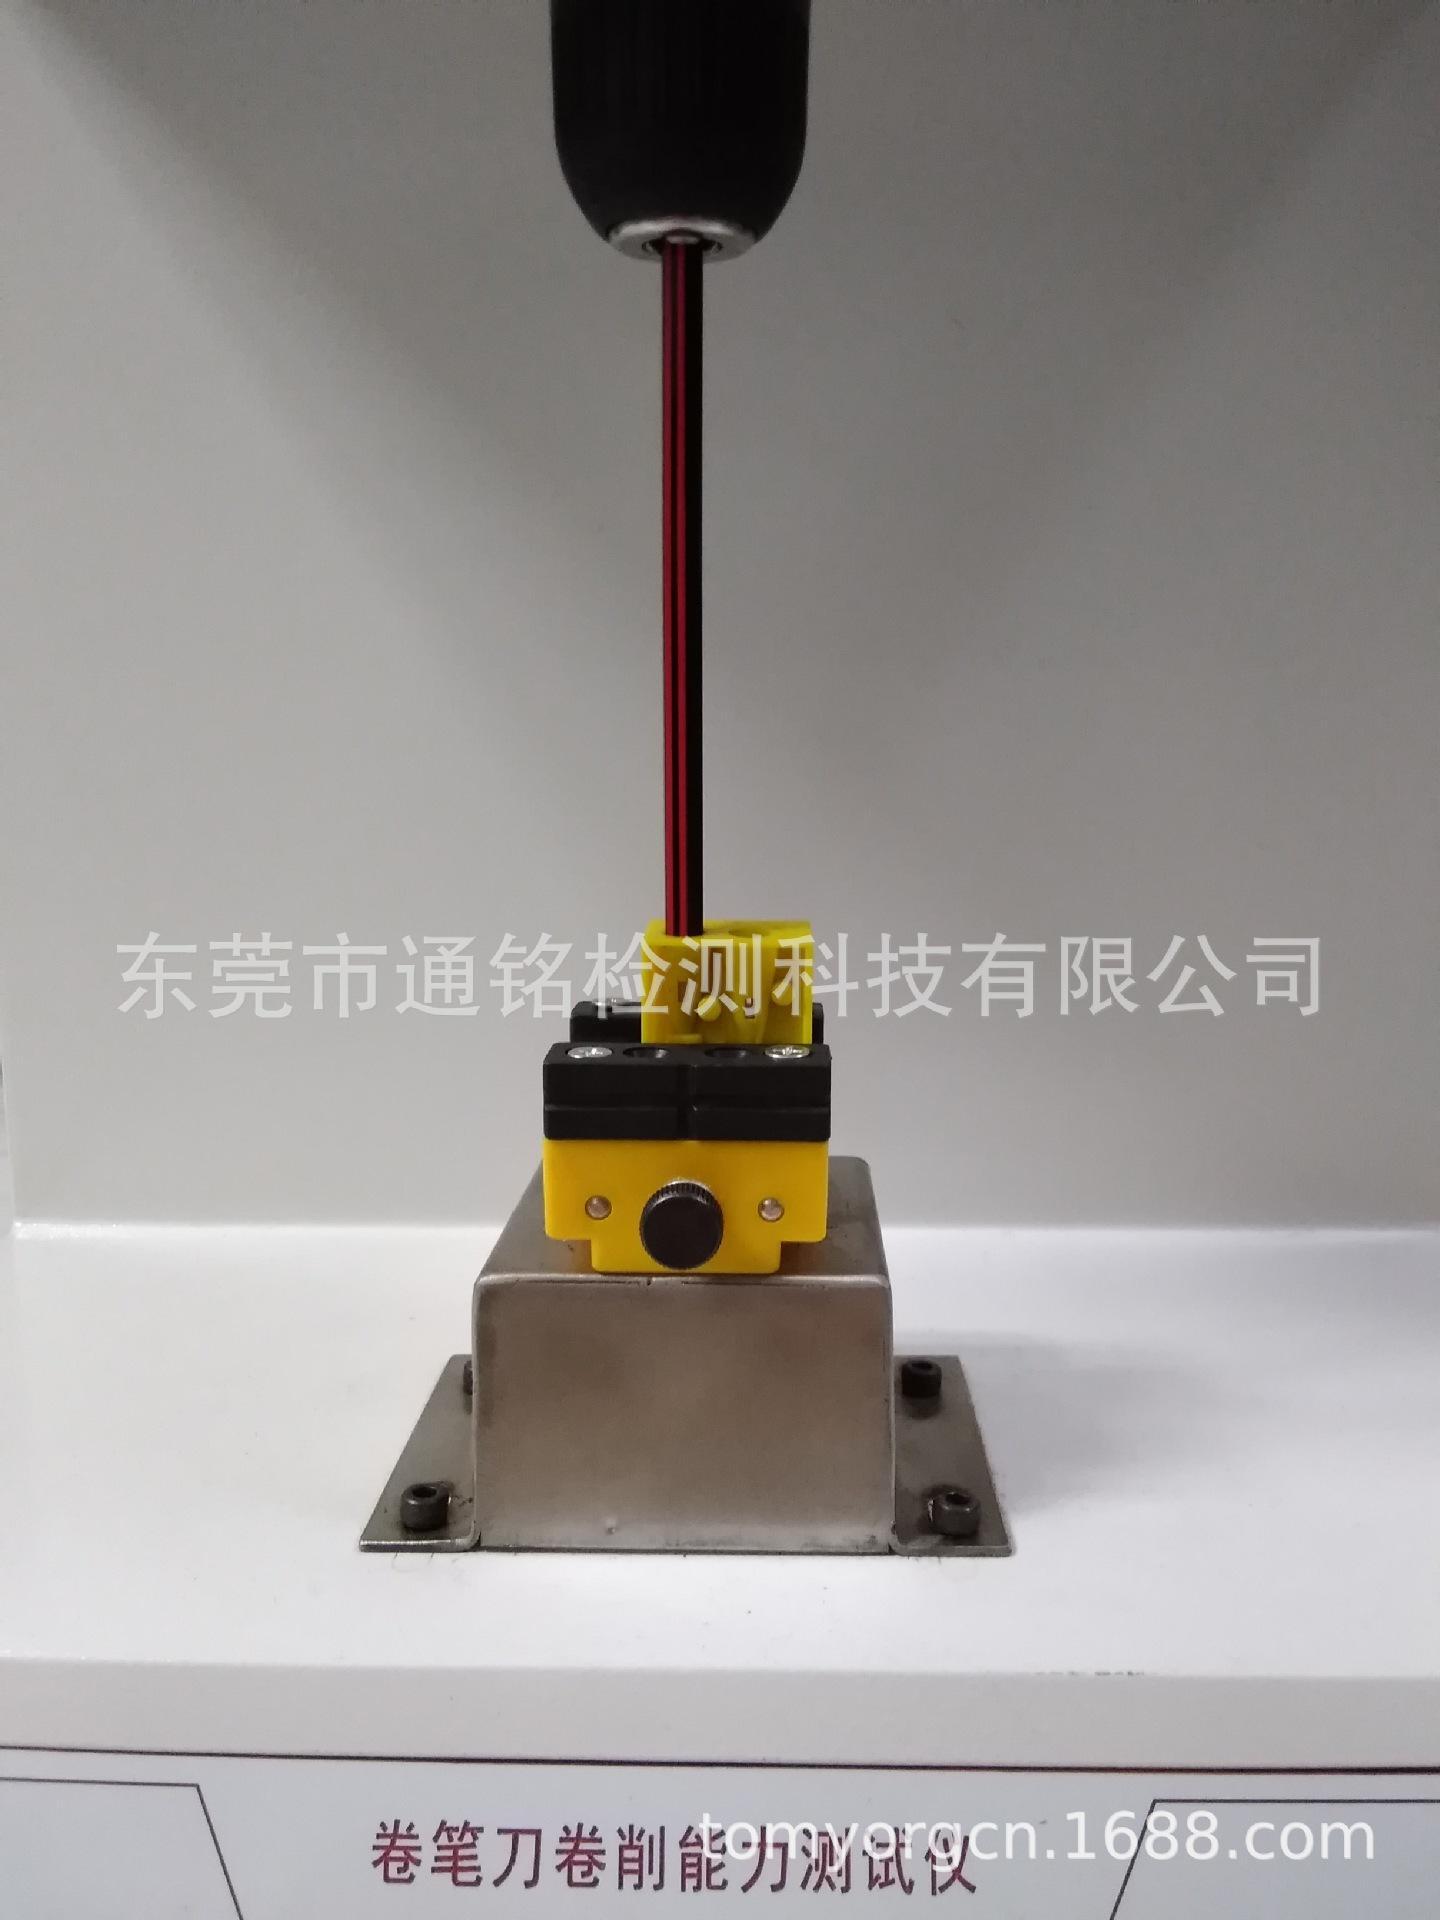 卷筆刀卷削能力測試儀QB/T 1337-2010削筆機效率-專業文具檢測儀 2